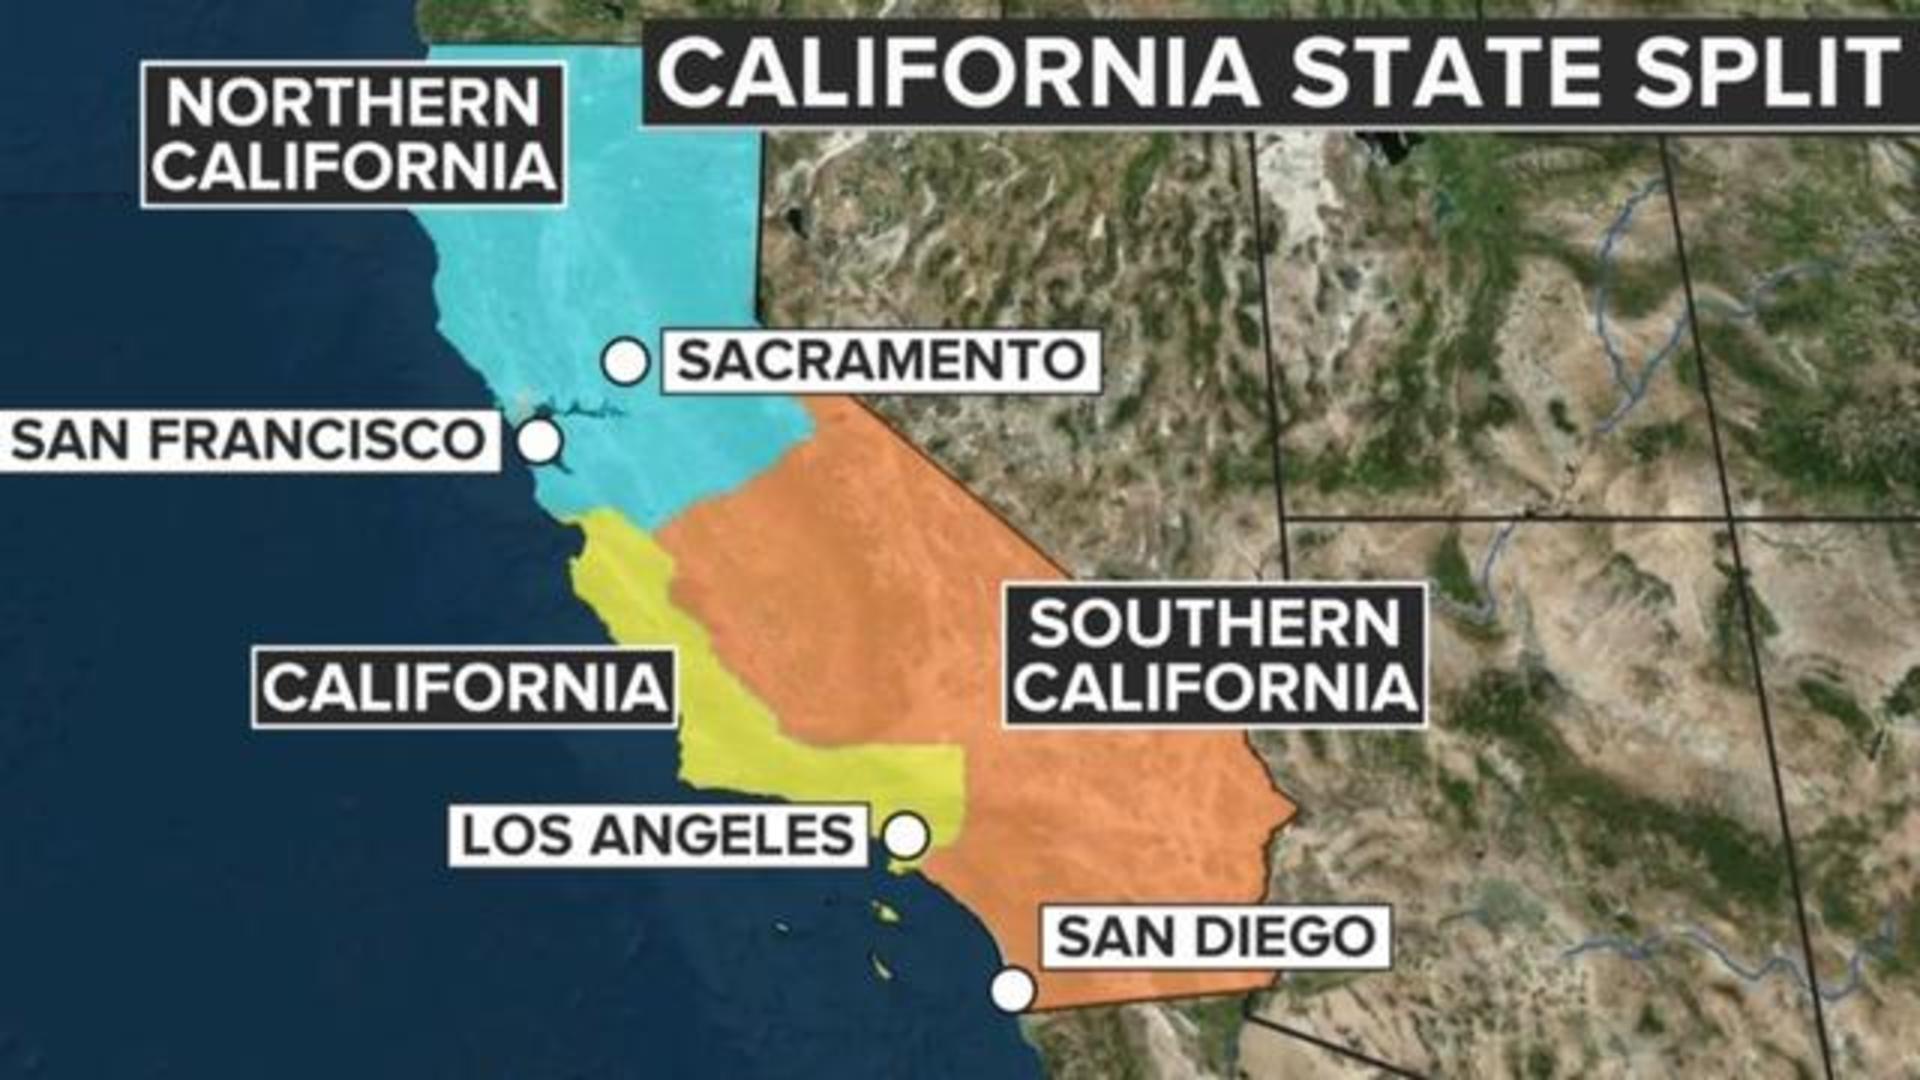 Measure To Split California Into 3 States Heads To November Ballot